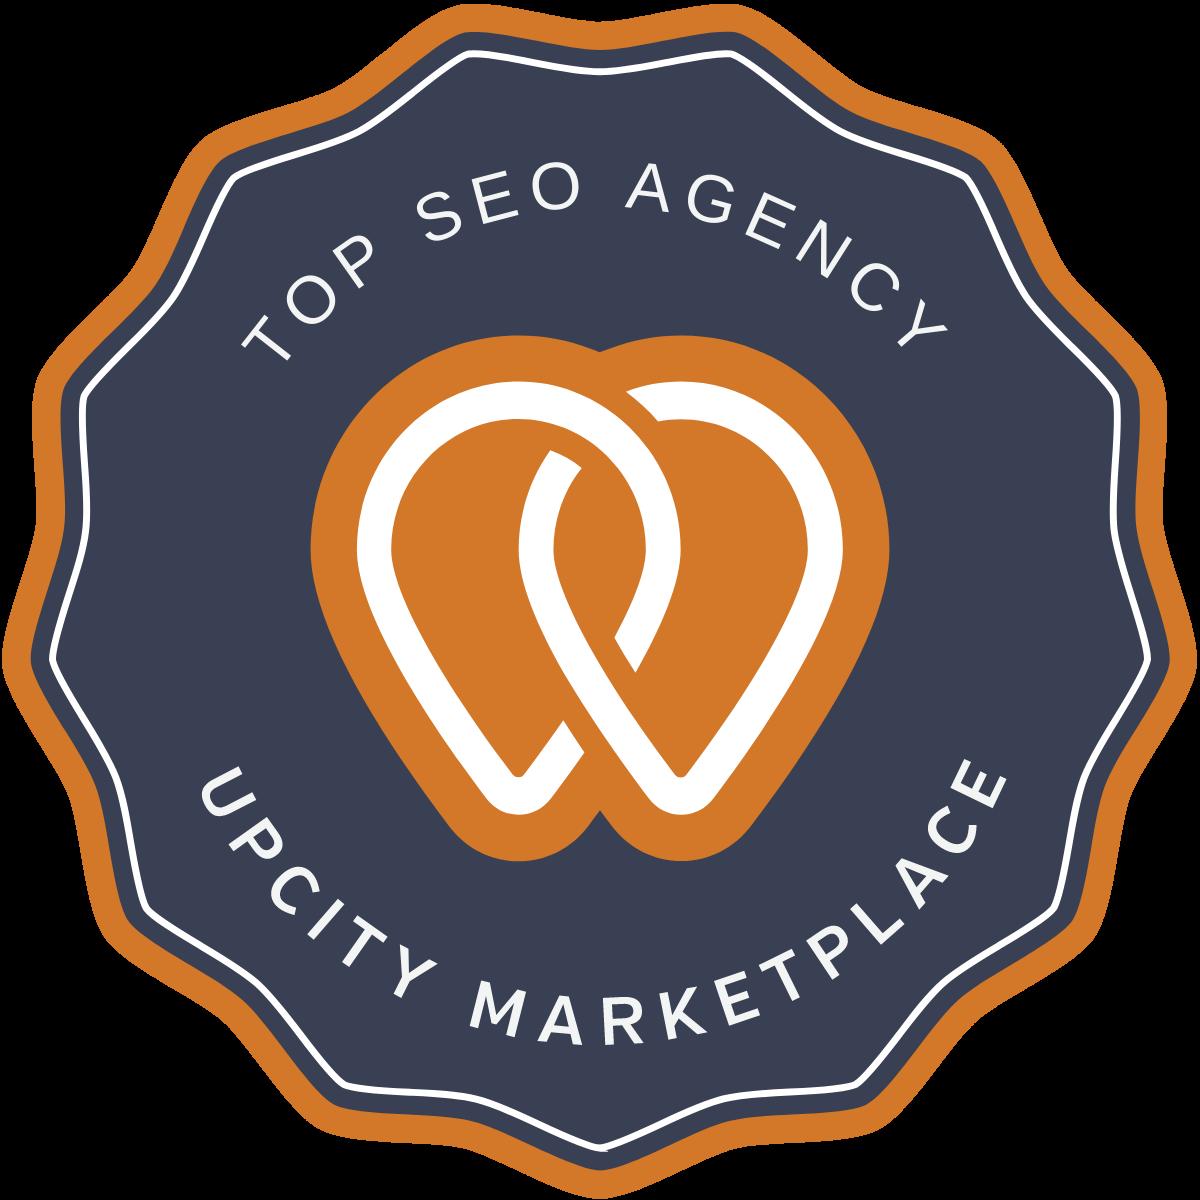 Upcity SEO Award